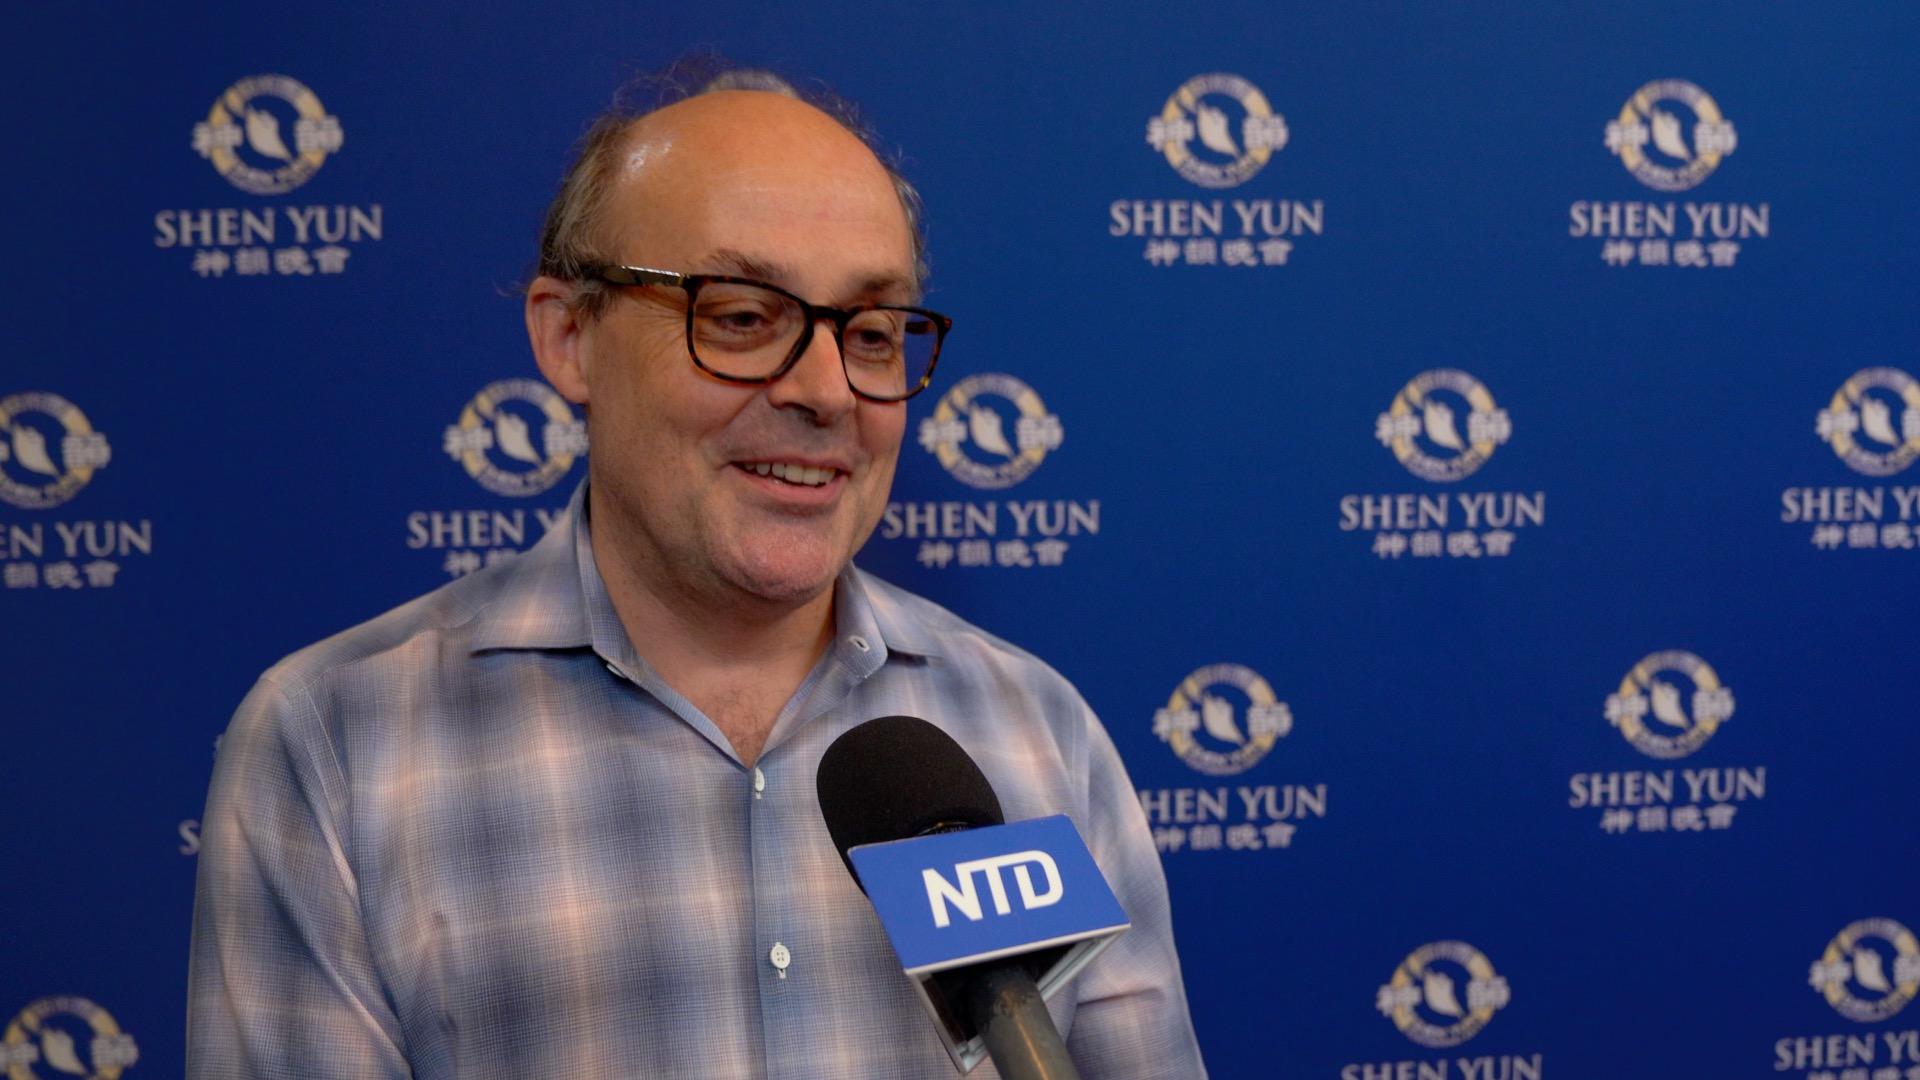 Professor: Shen Yun 'Enlightening, Inspiring'